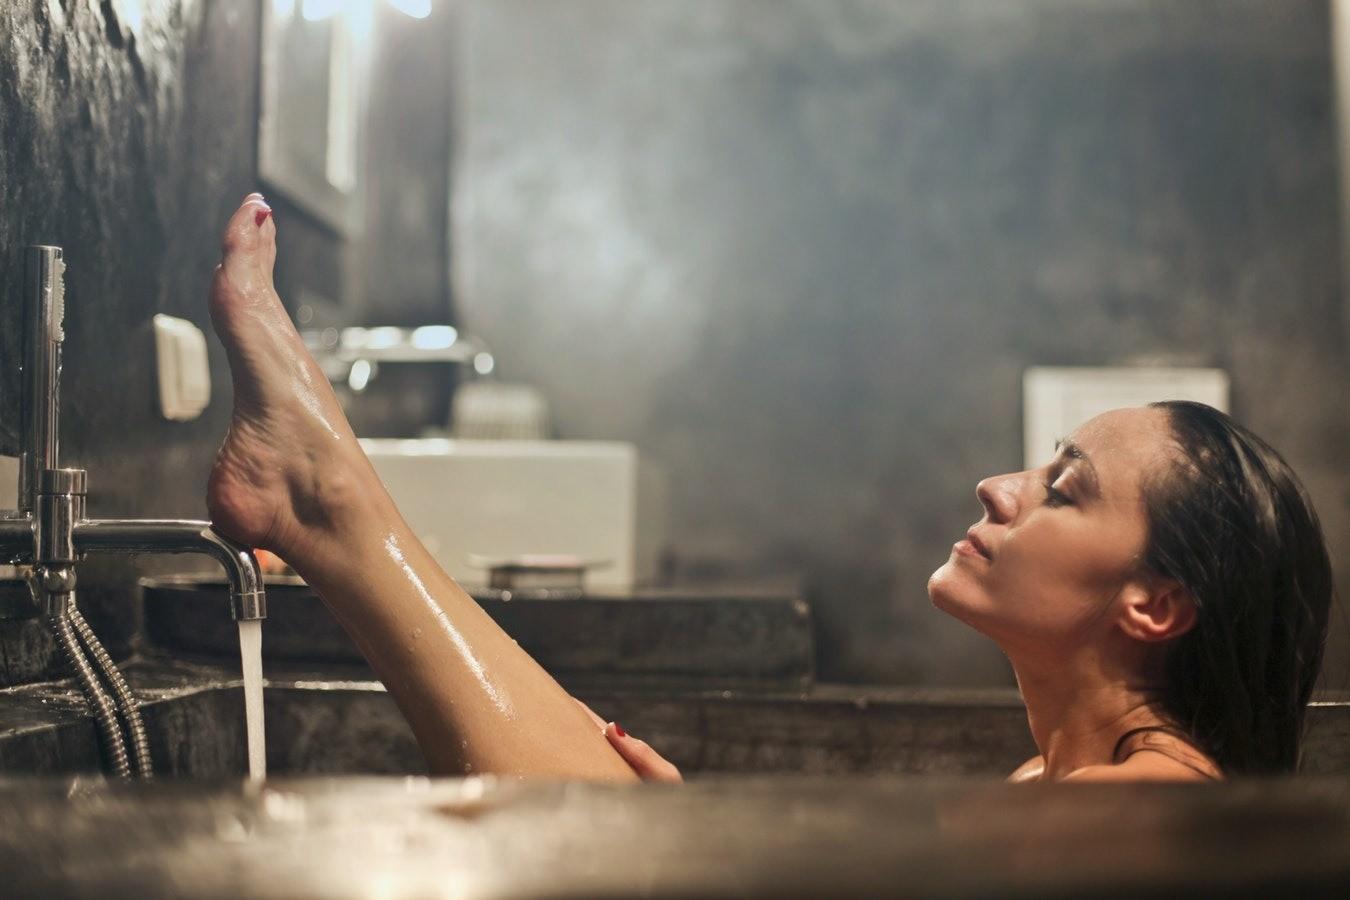 6 отличных идей, чем заняться, пока принимаешь ванну